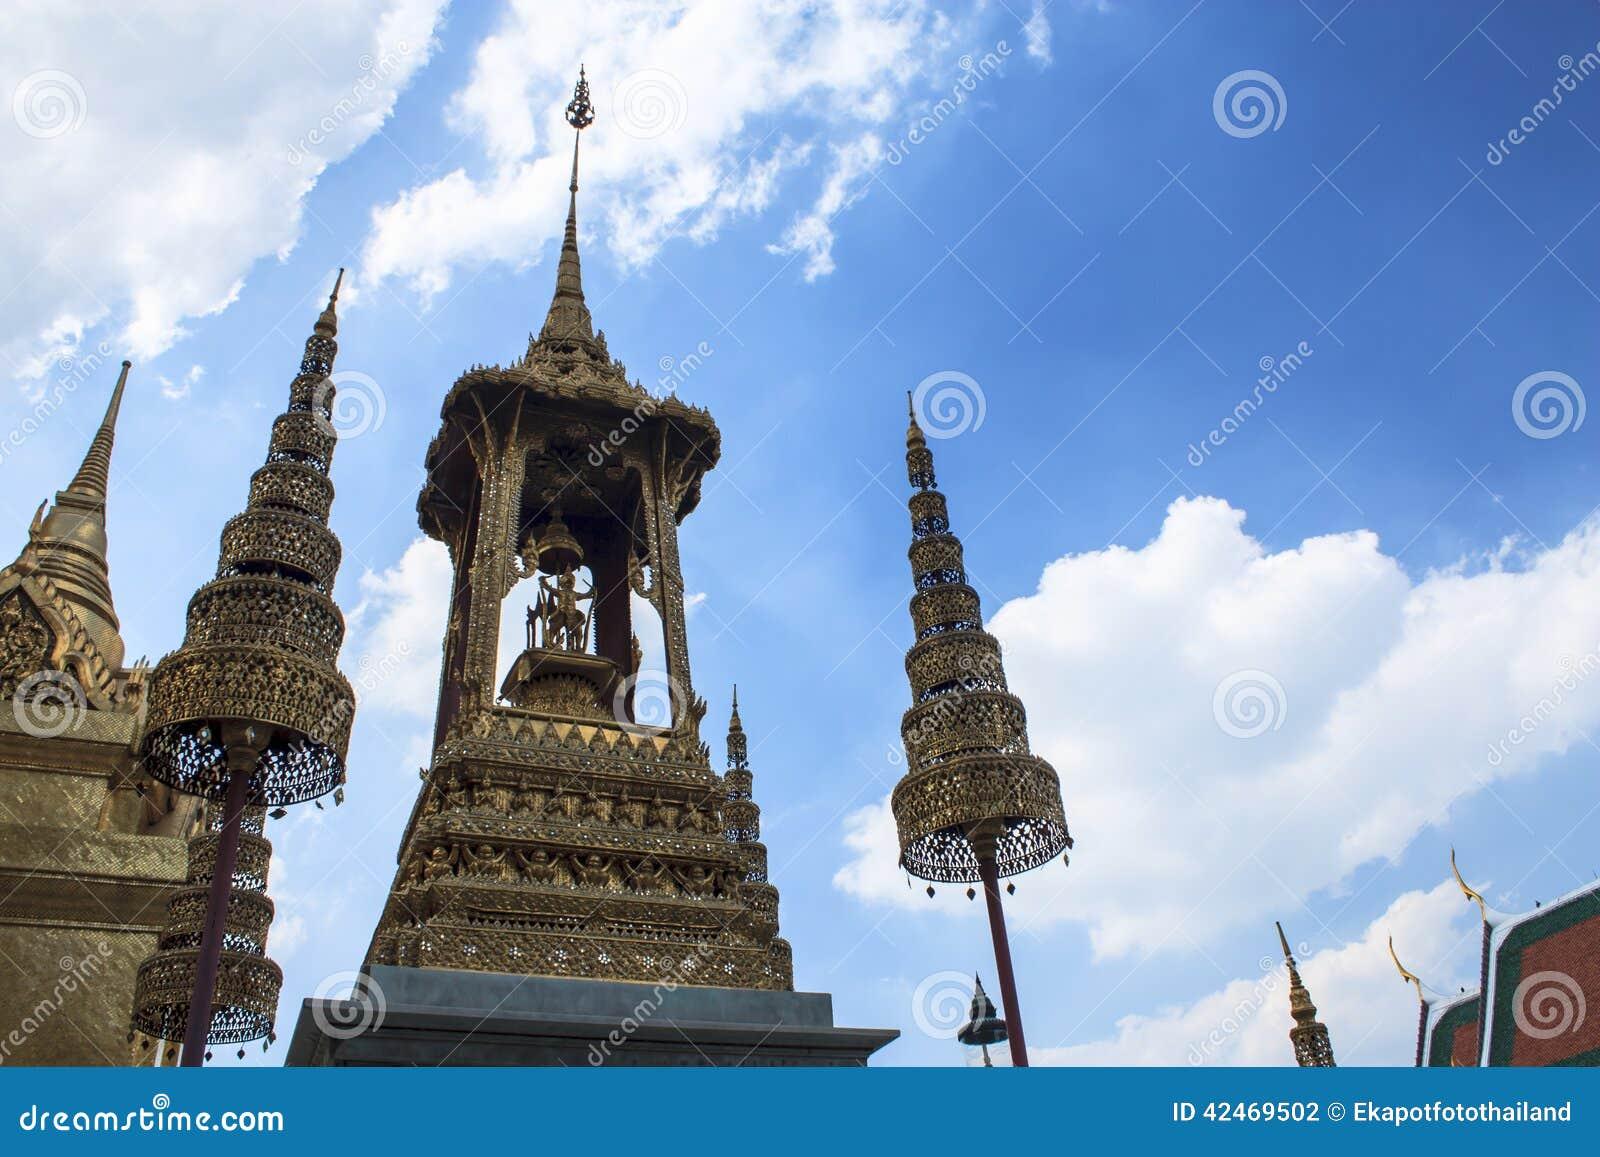 Engelsstatue im Buddhismus